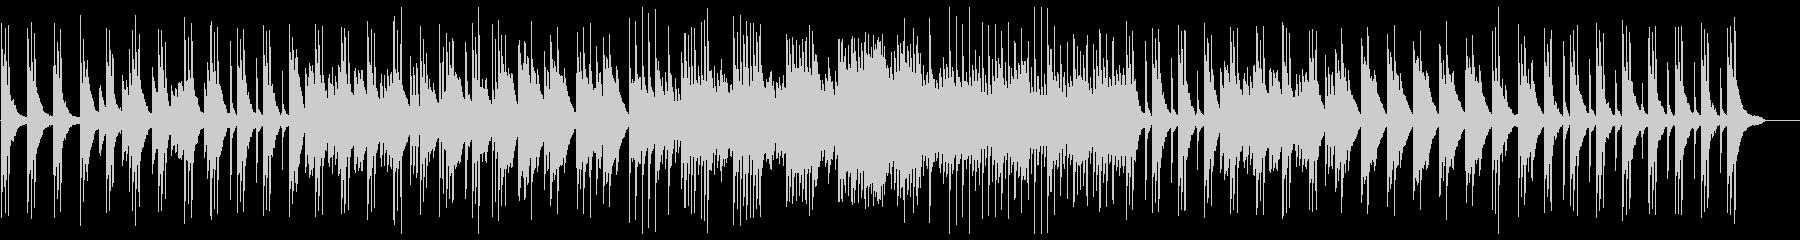 美しいピアノのヒーリングミュージックの未再生の波形